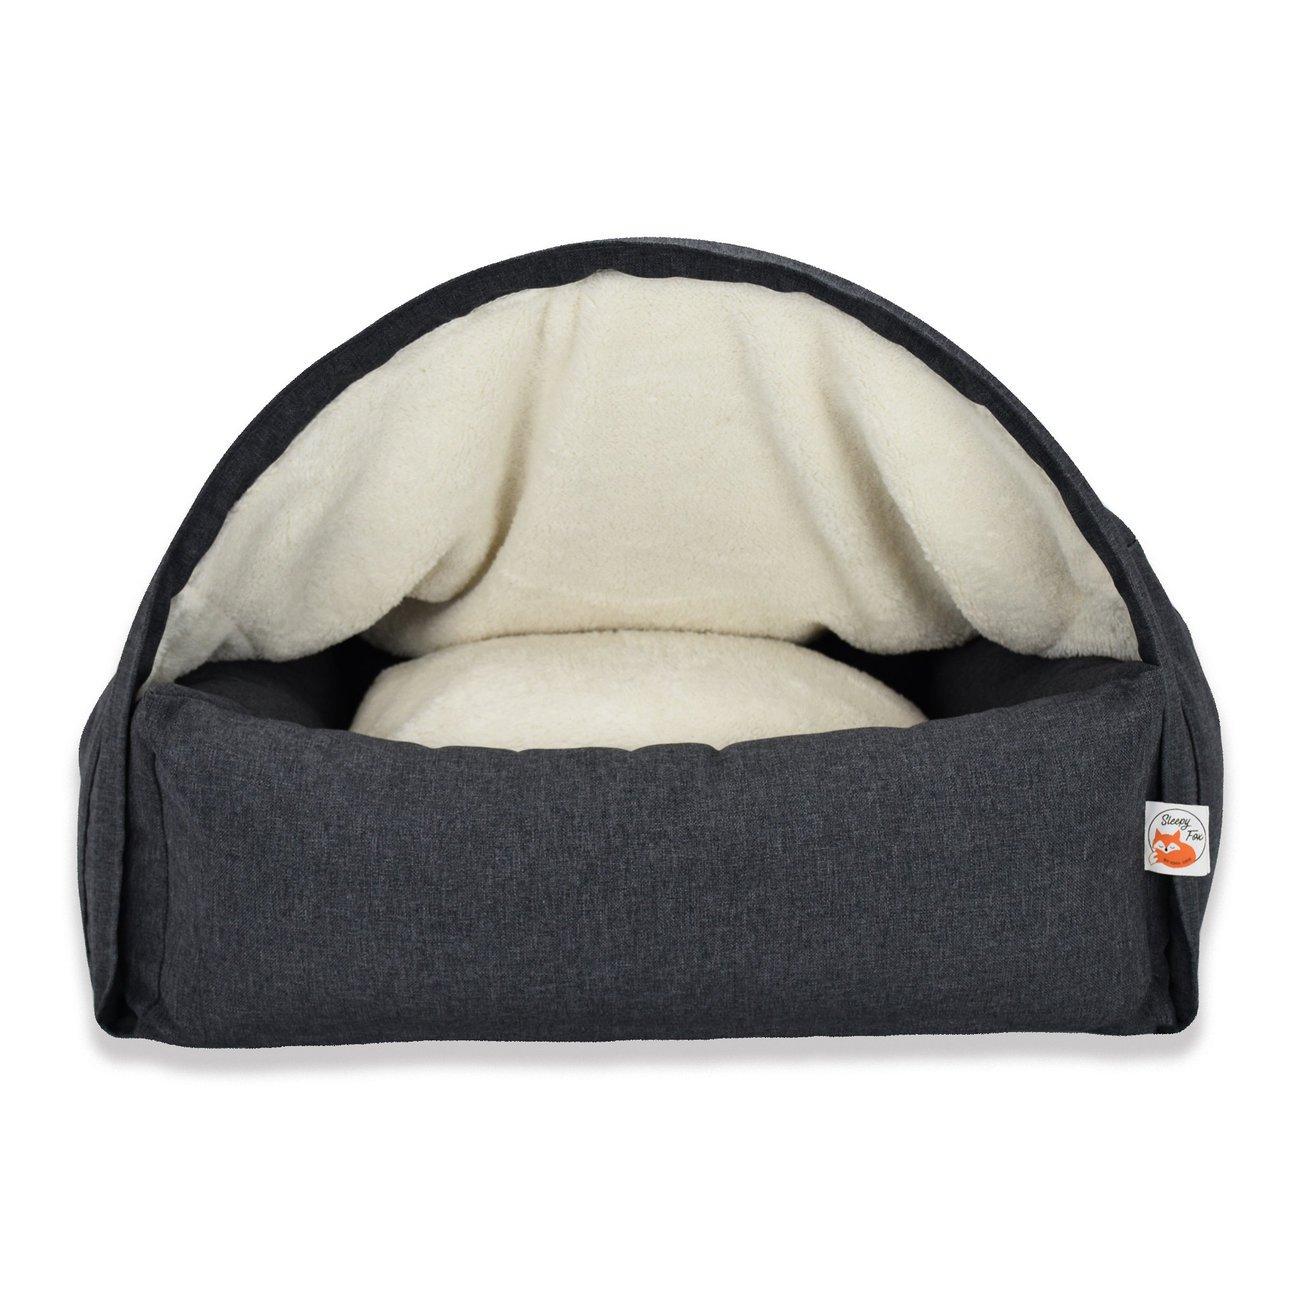 Sleepy Fox® Kuschelhöhlen Hundebett, Bild 6